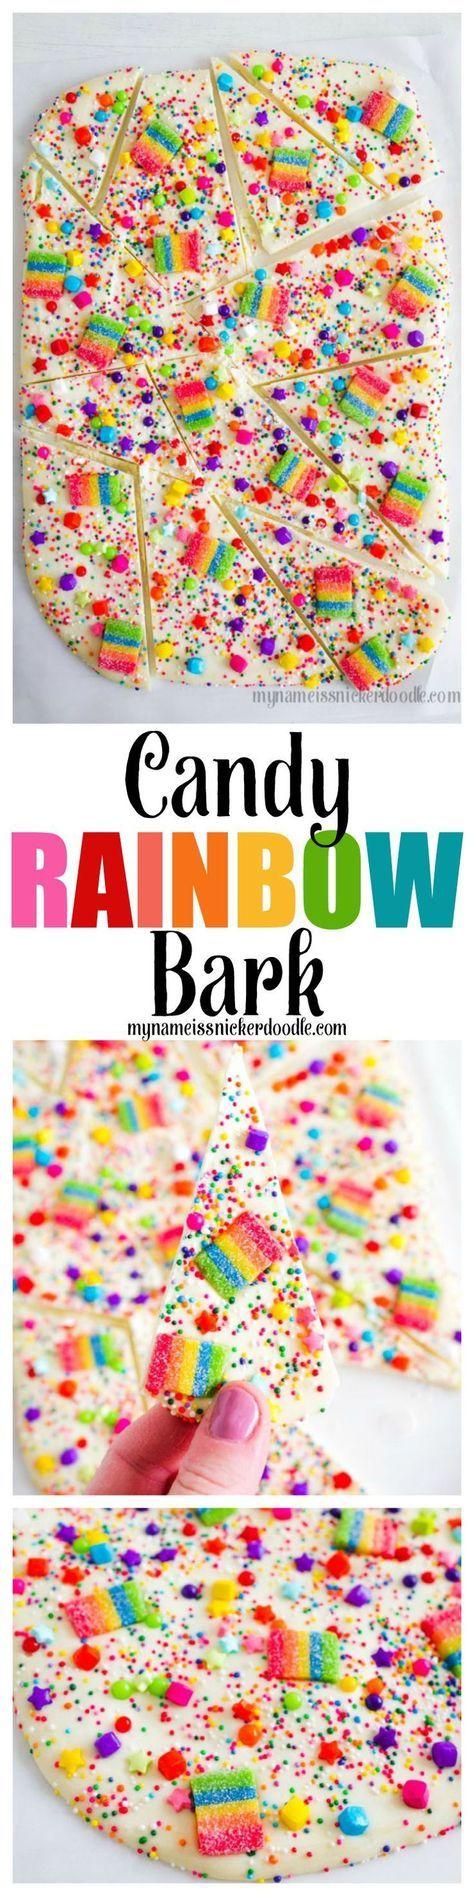 Für unsere Süßigkeiten-Party ist das eine perfekte Idee für die kleinen Gäste. Da werden Sie Spaß haben. Vielen Dank für diese schöne Idee Dein balloonas.com #kindergeburtstag #motto #mottoparty #ba (Birthday Cake)